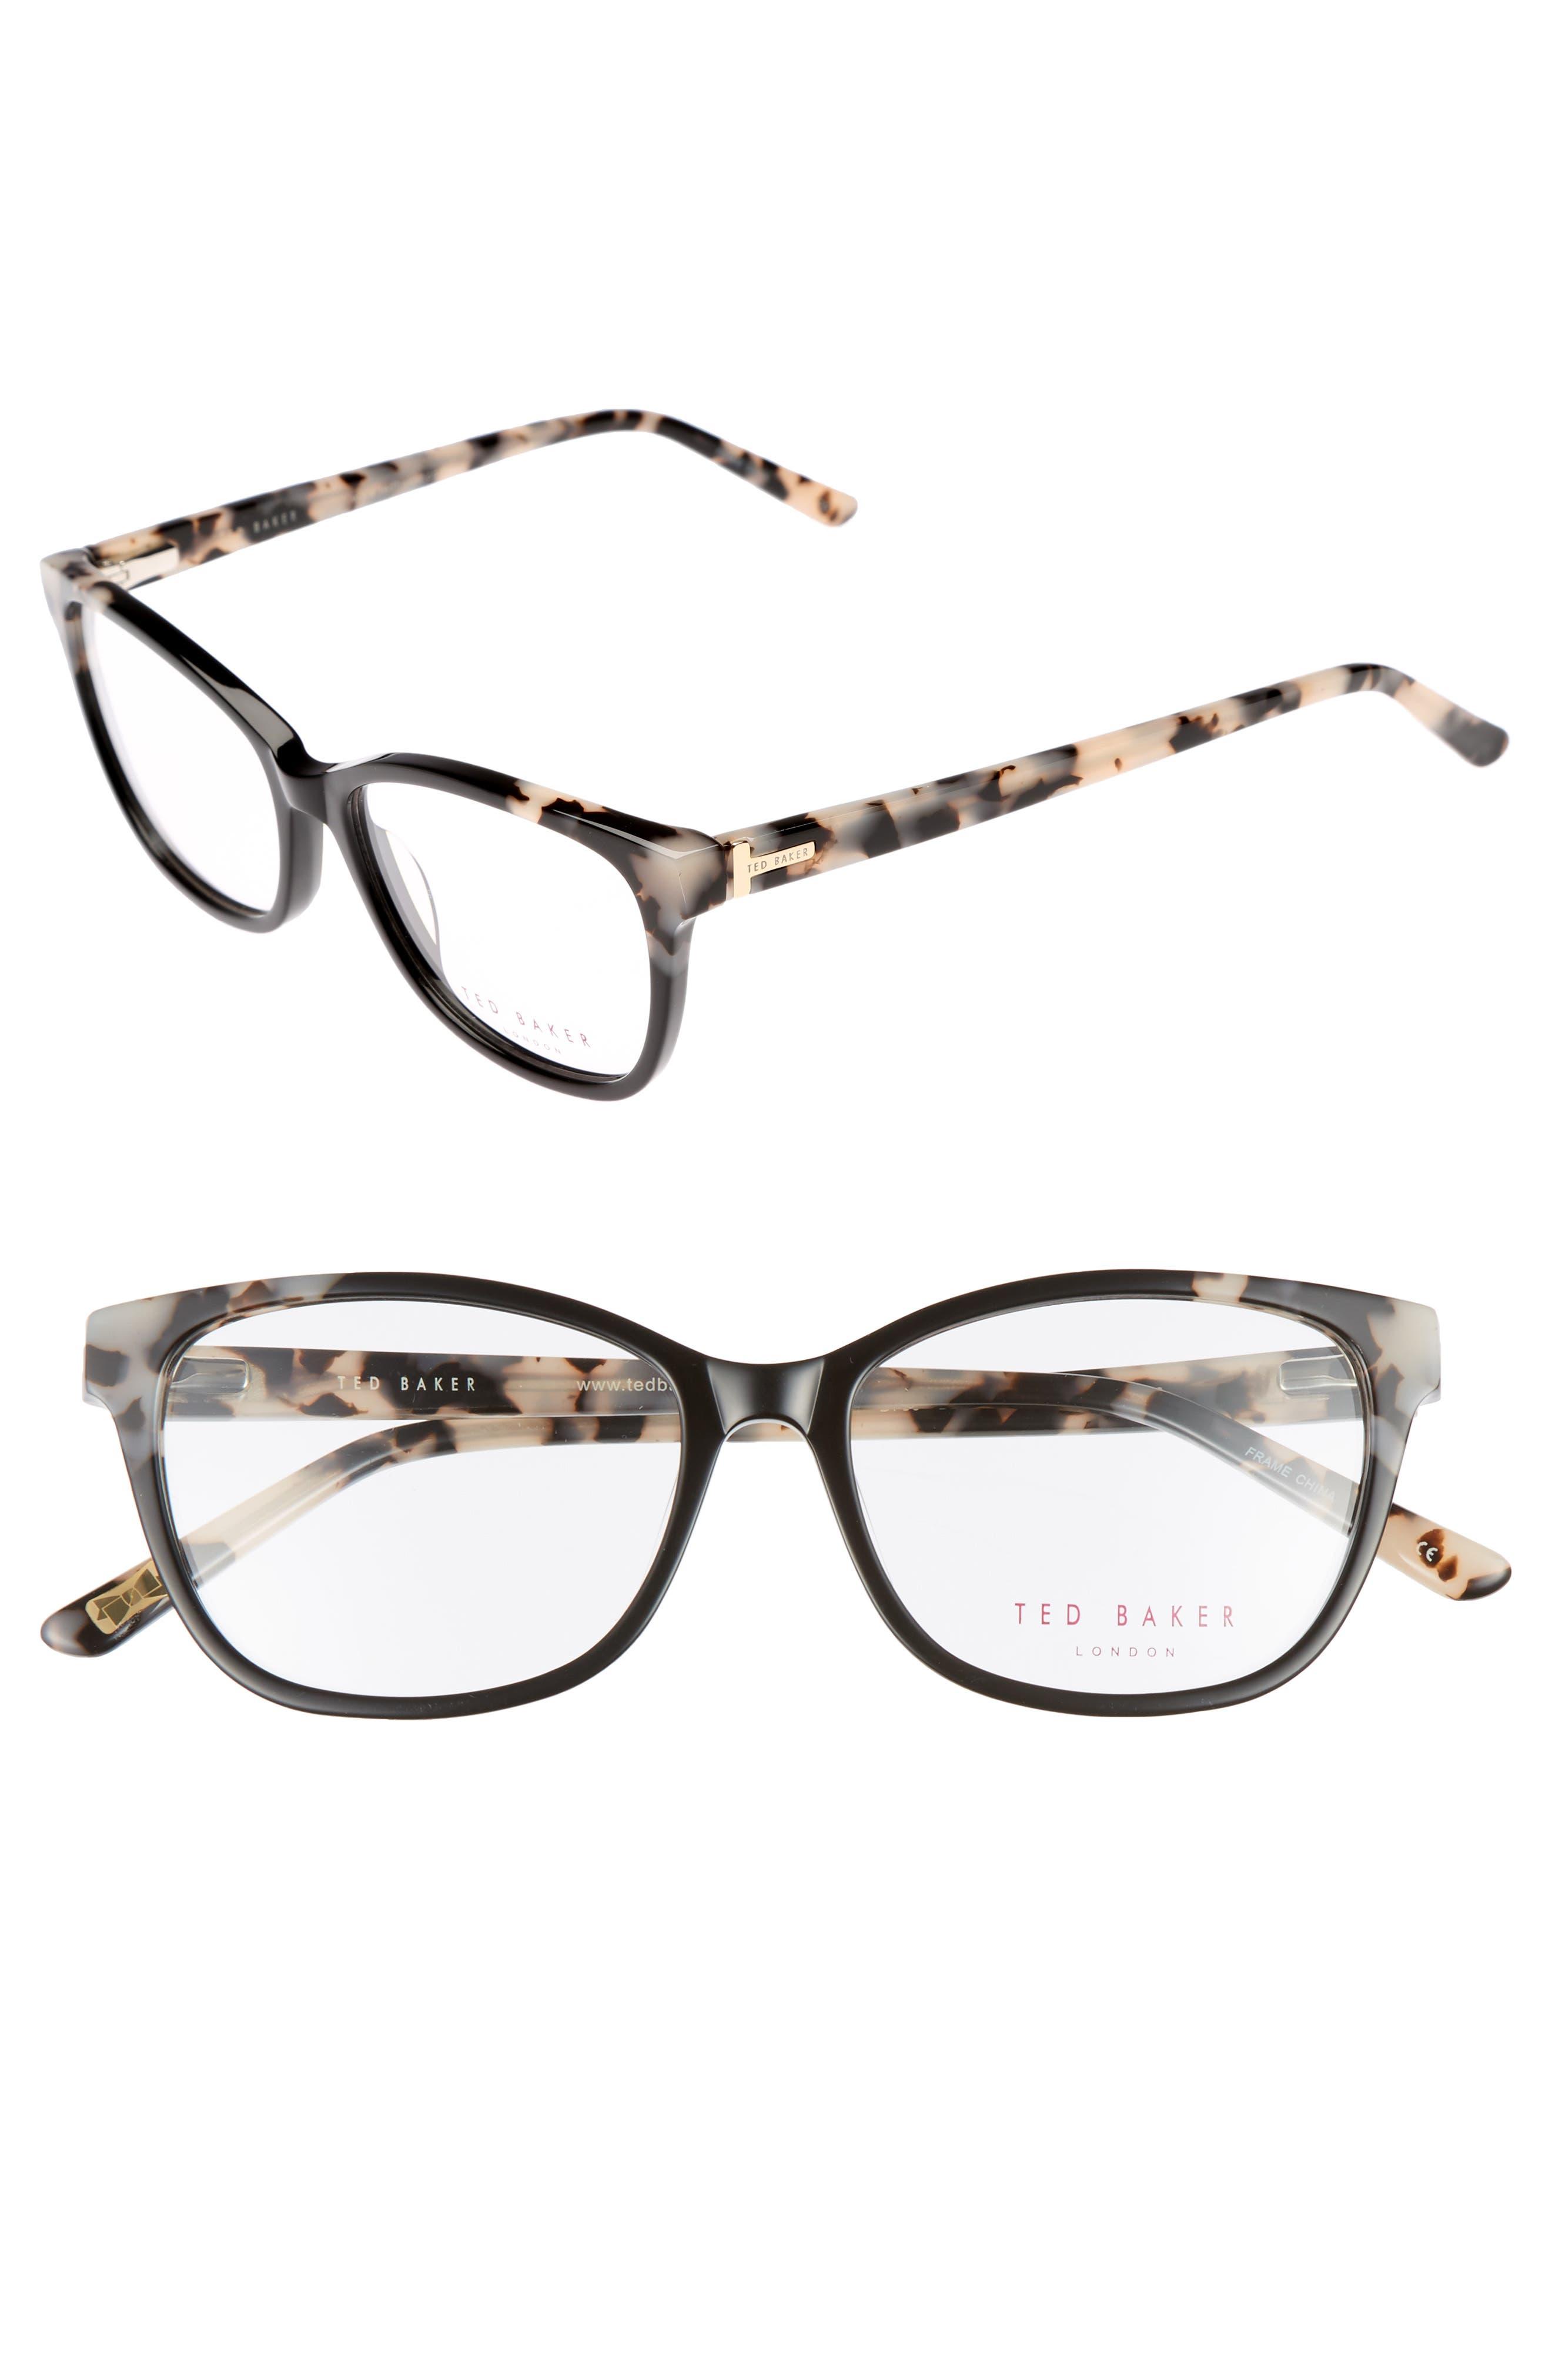 52mm Square Optical Glasses,                             Main thumbnail 1, color,                             Black